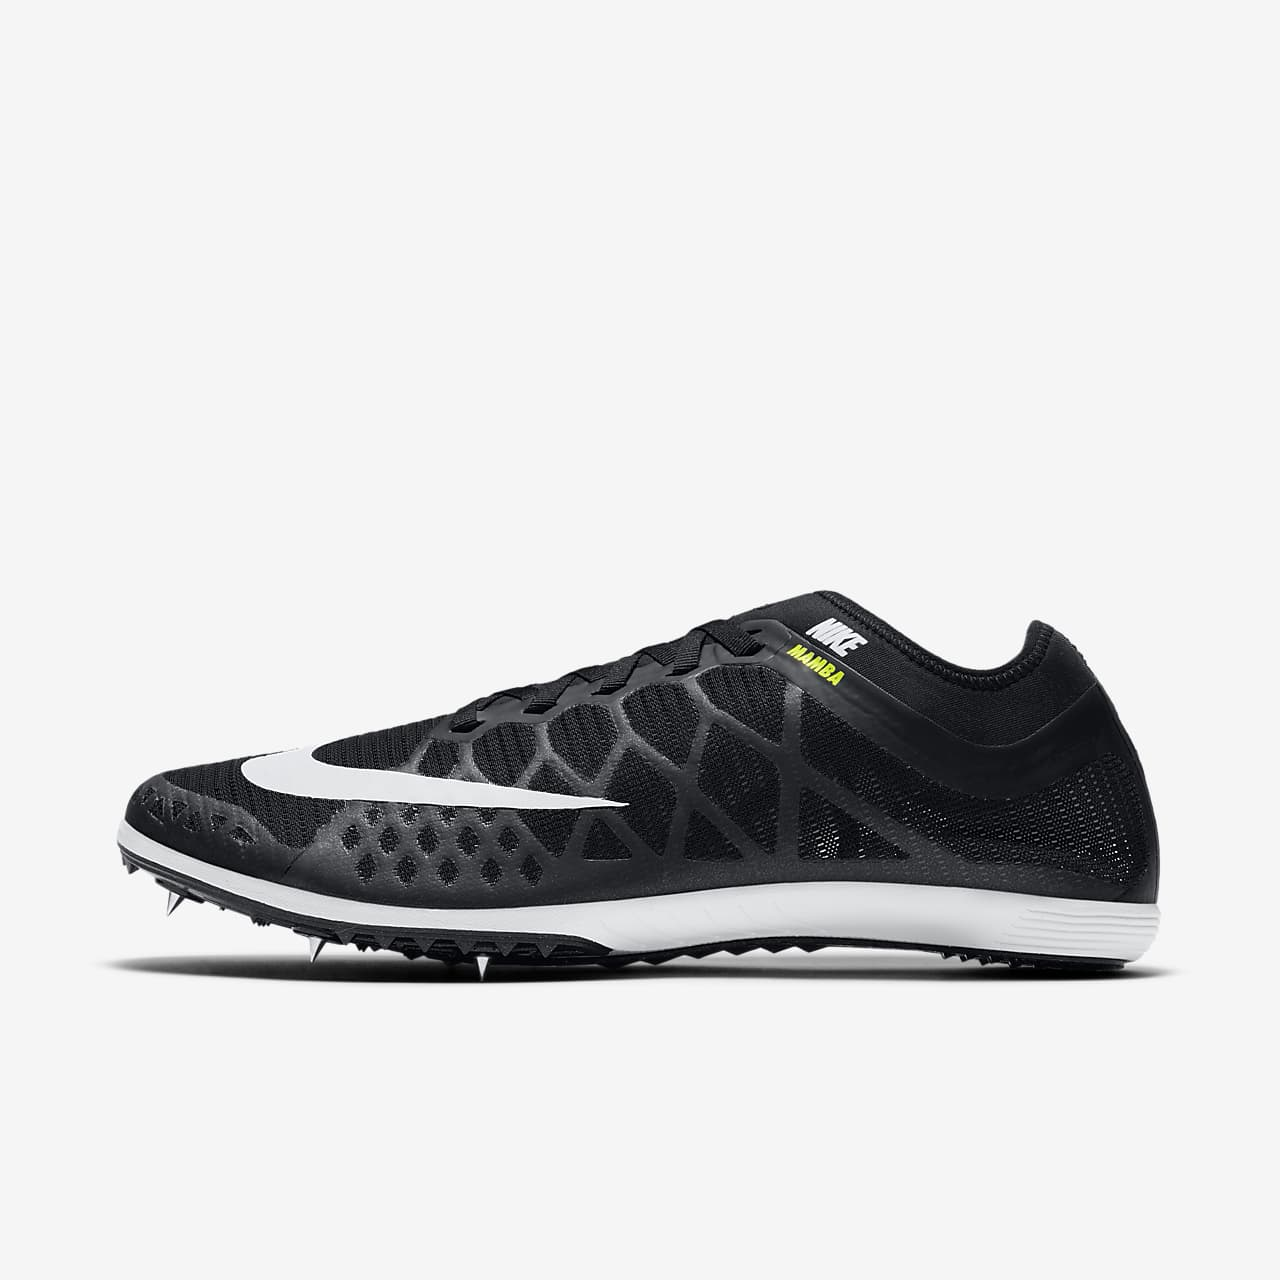 Chaussure de course longue distance à pointes mixte Nike Zoom Mamba 3